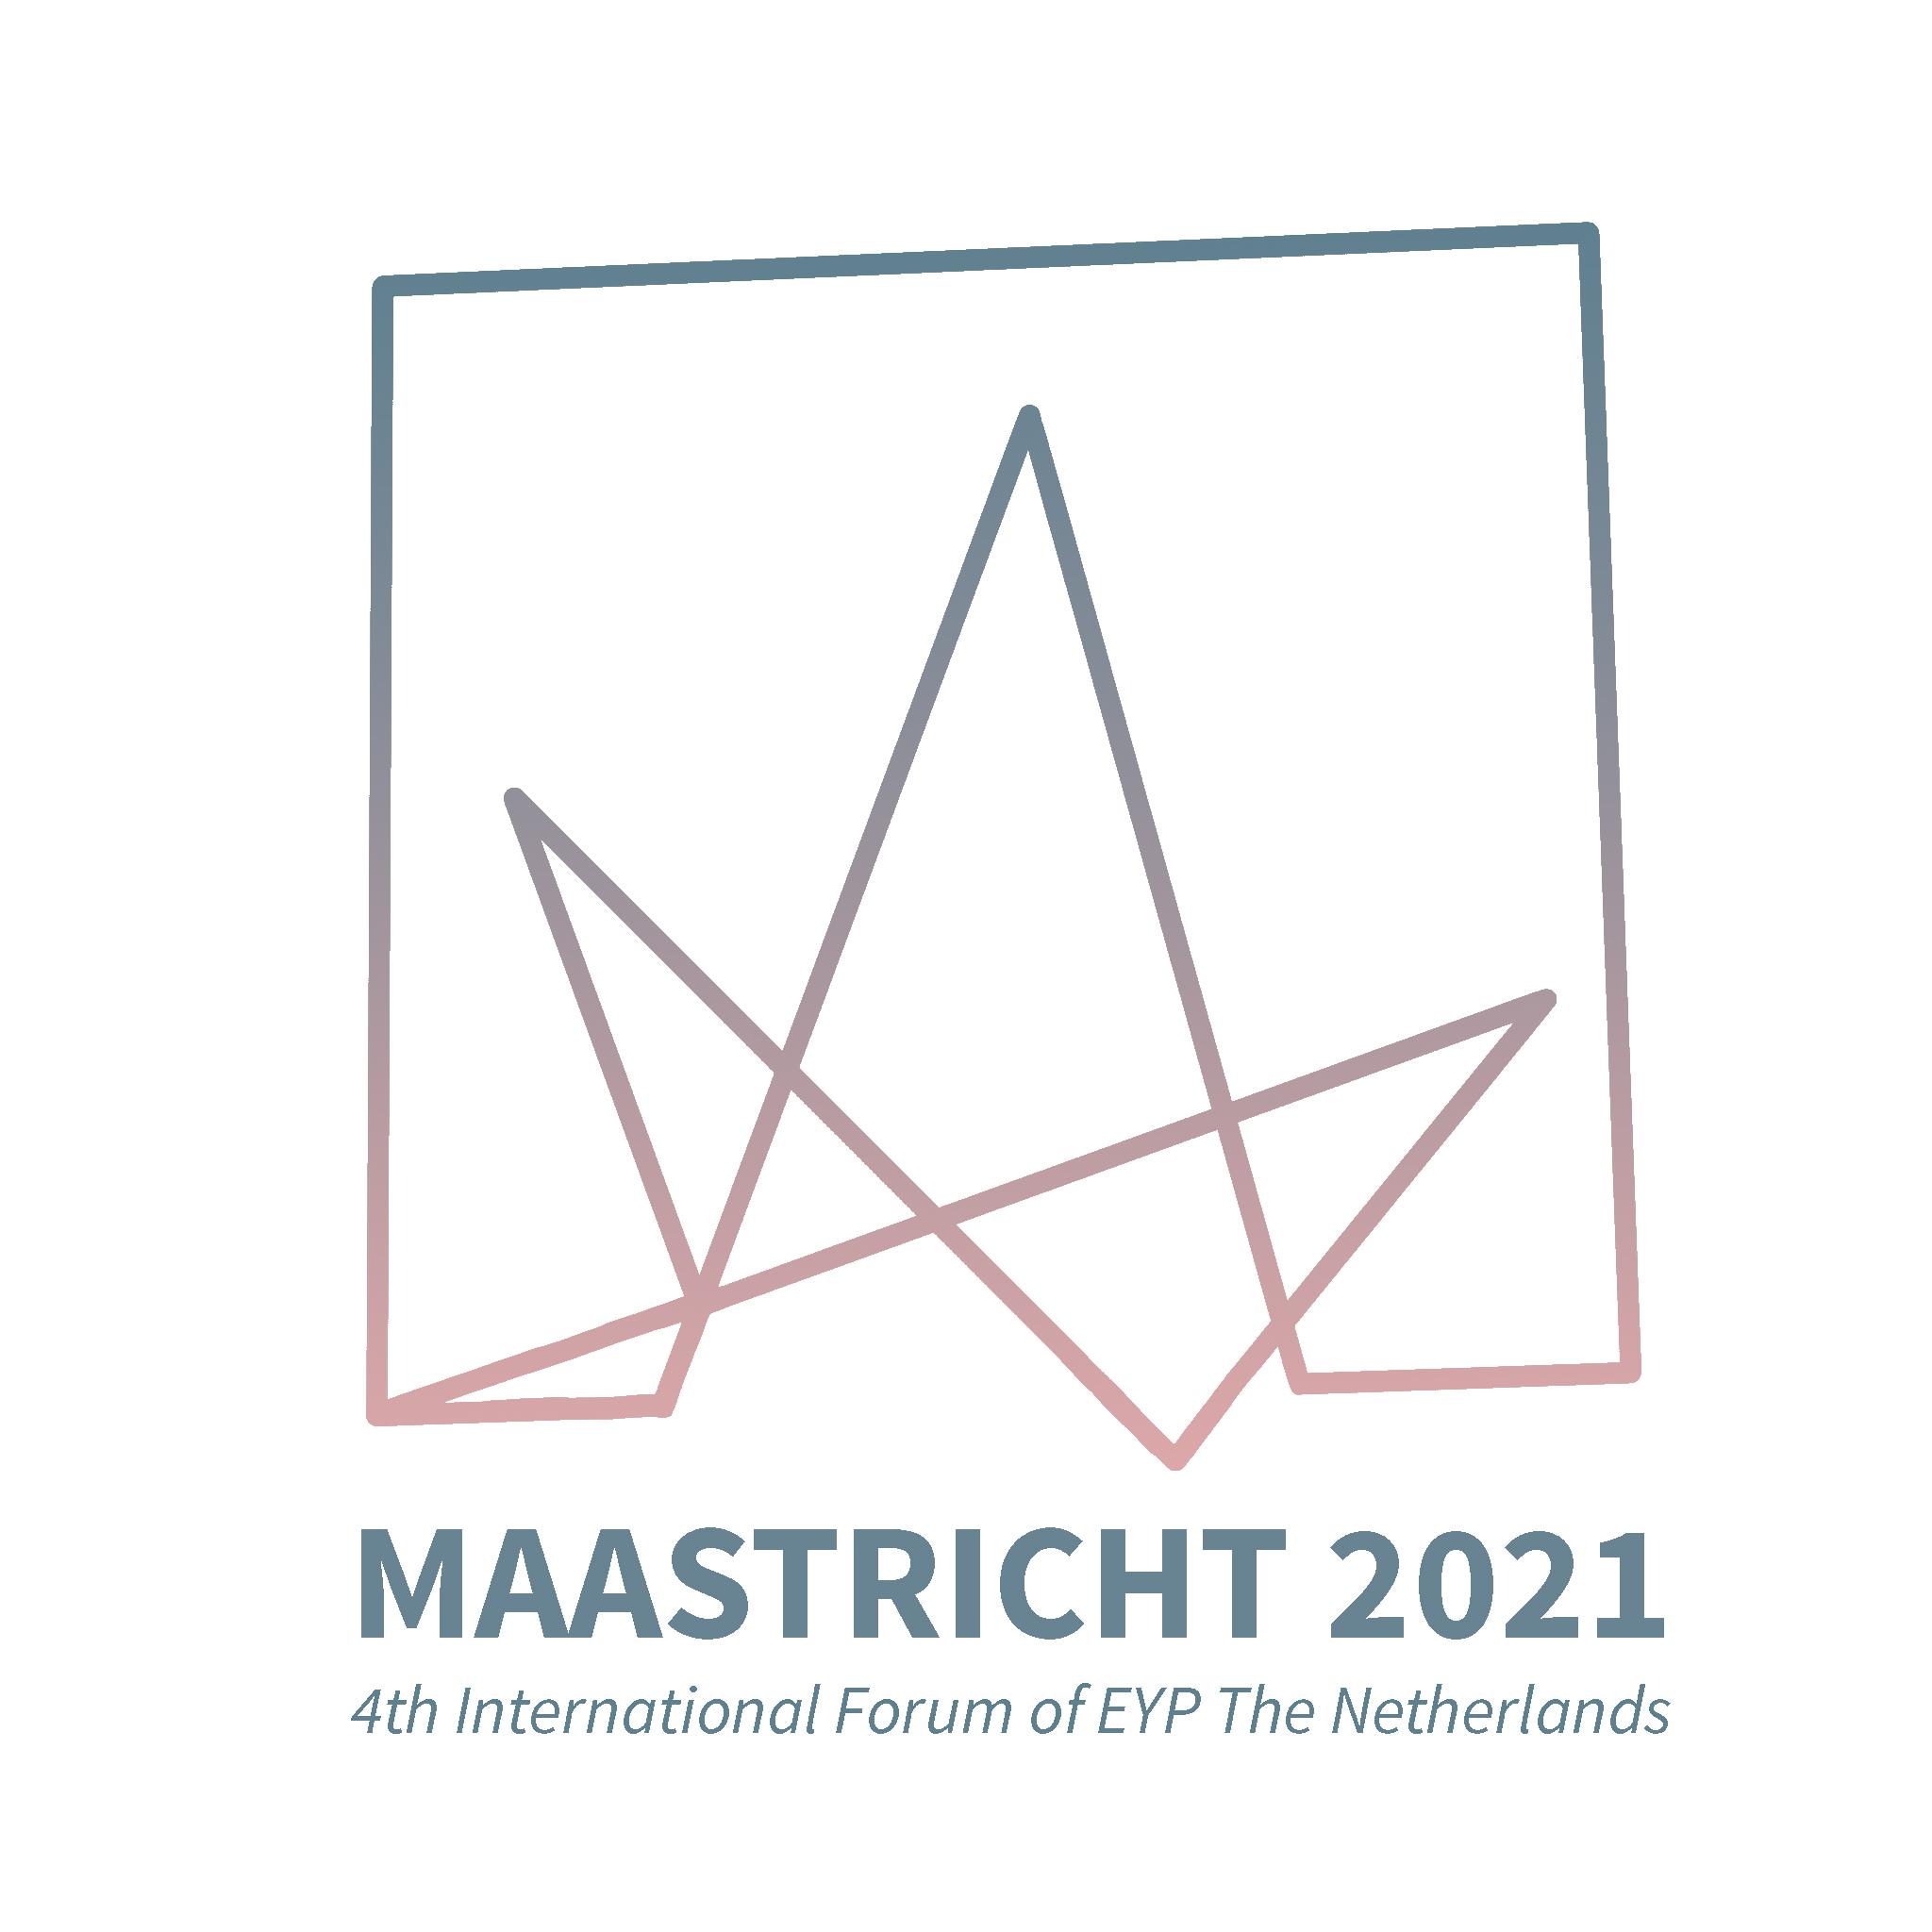 Maastricht 2021